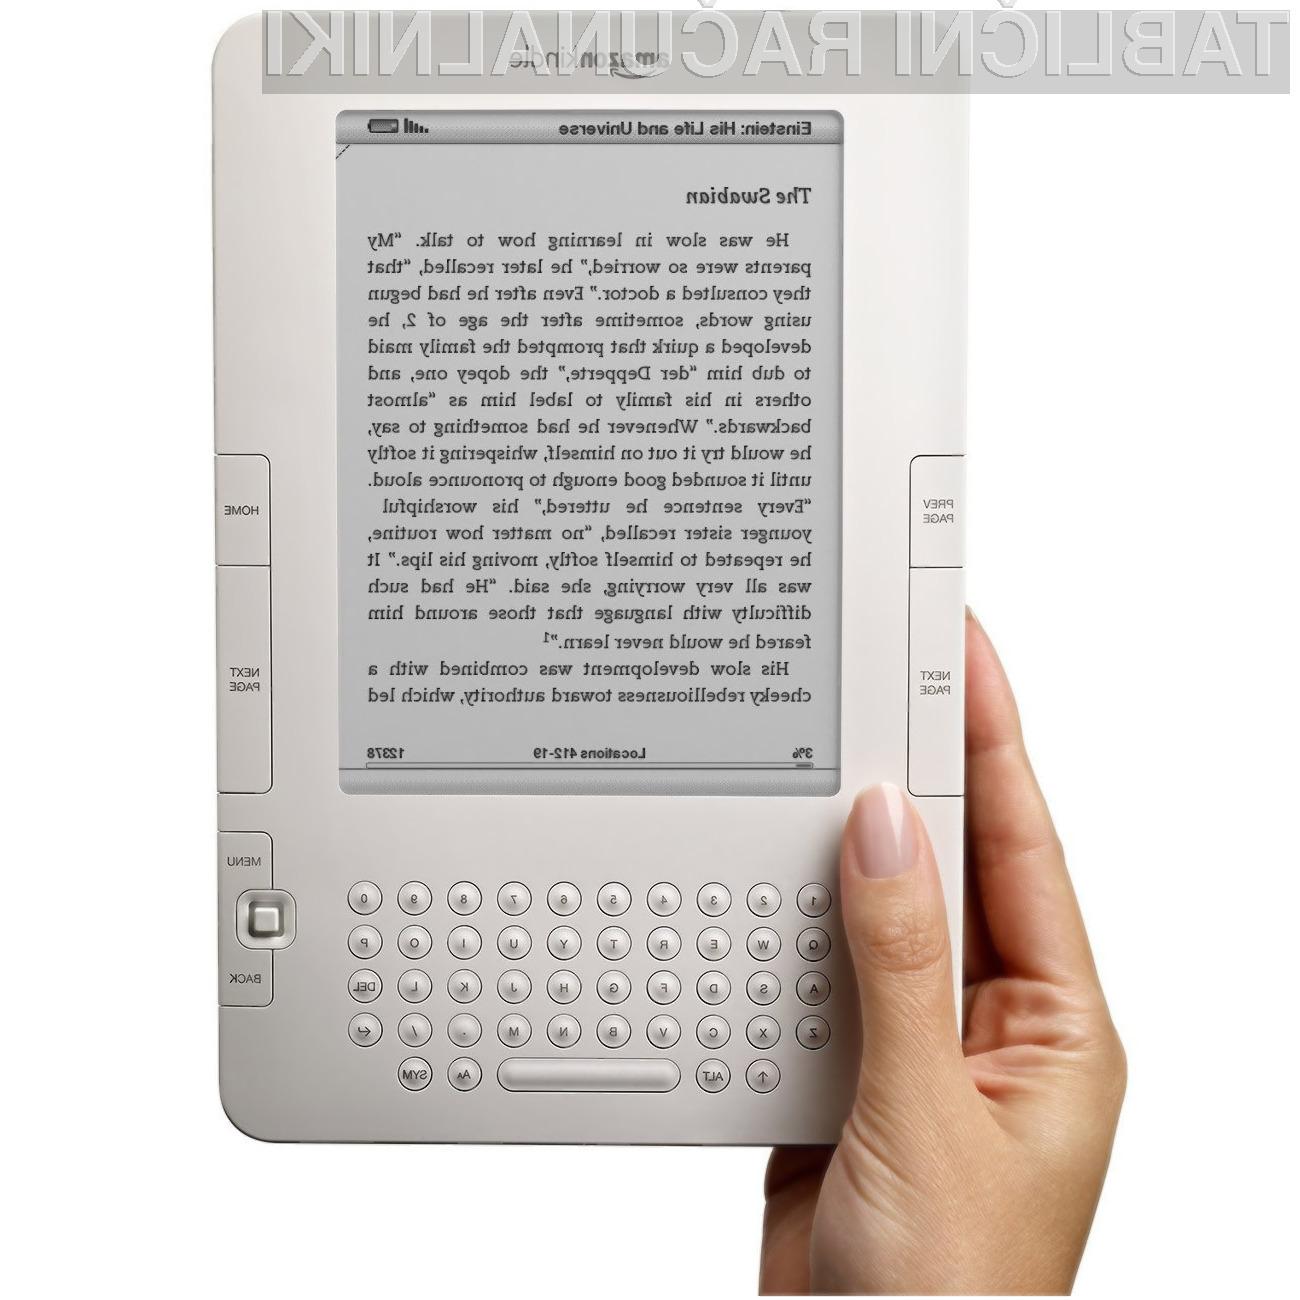 Amazonov bralnik elektronskih knjig naj bi kmalu dobil barvni zaslon.